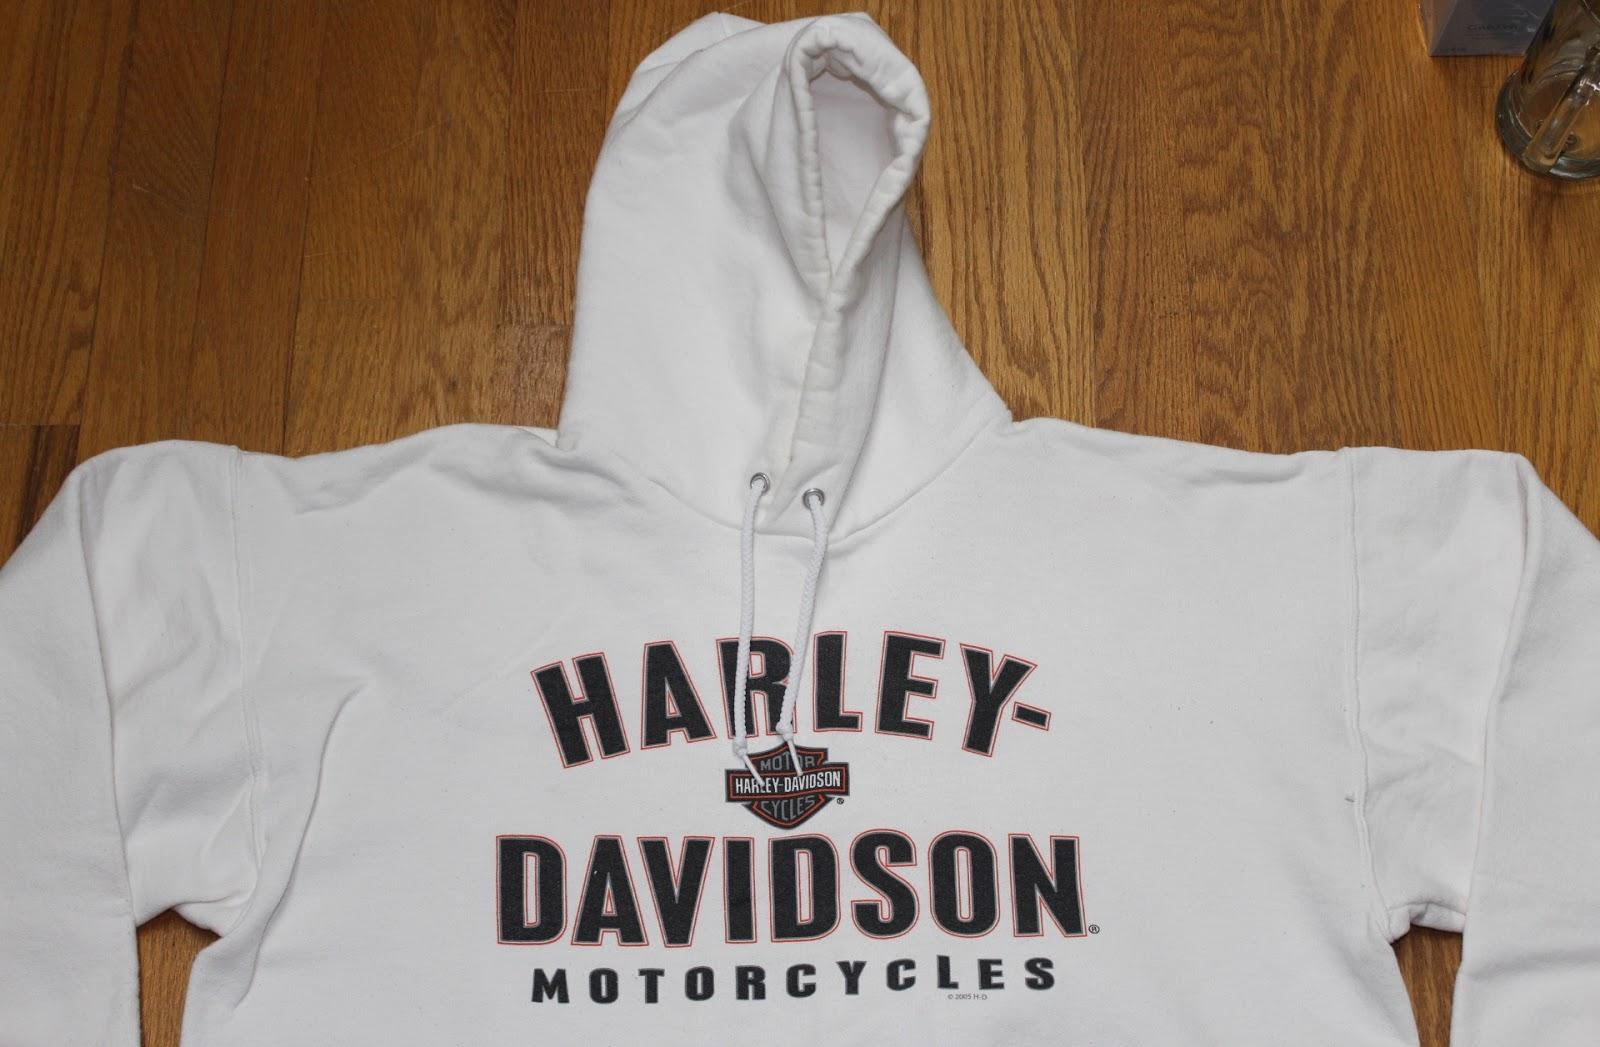 HARLEY DAVIDSON LOGO MOTORBIKE MOTORCYCLE CONTRAST HOODIE